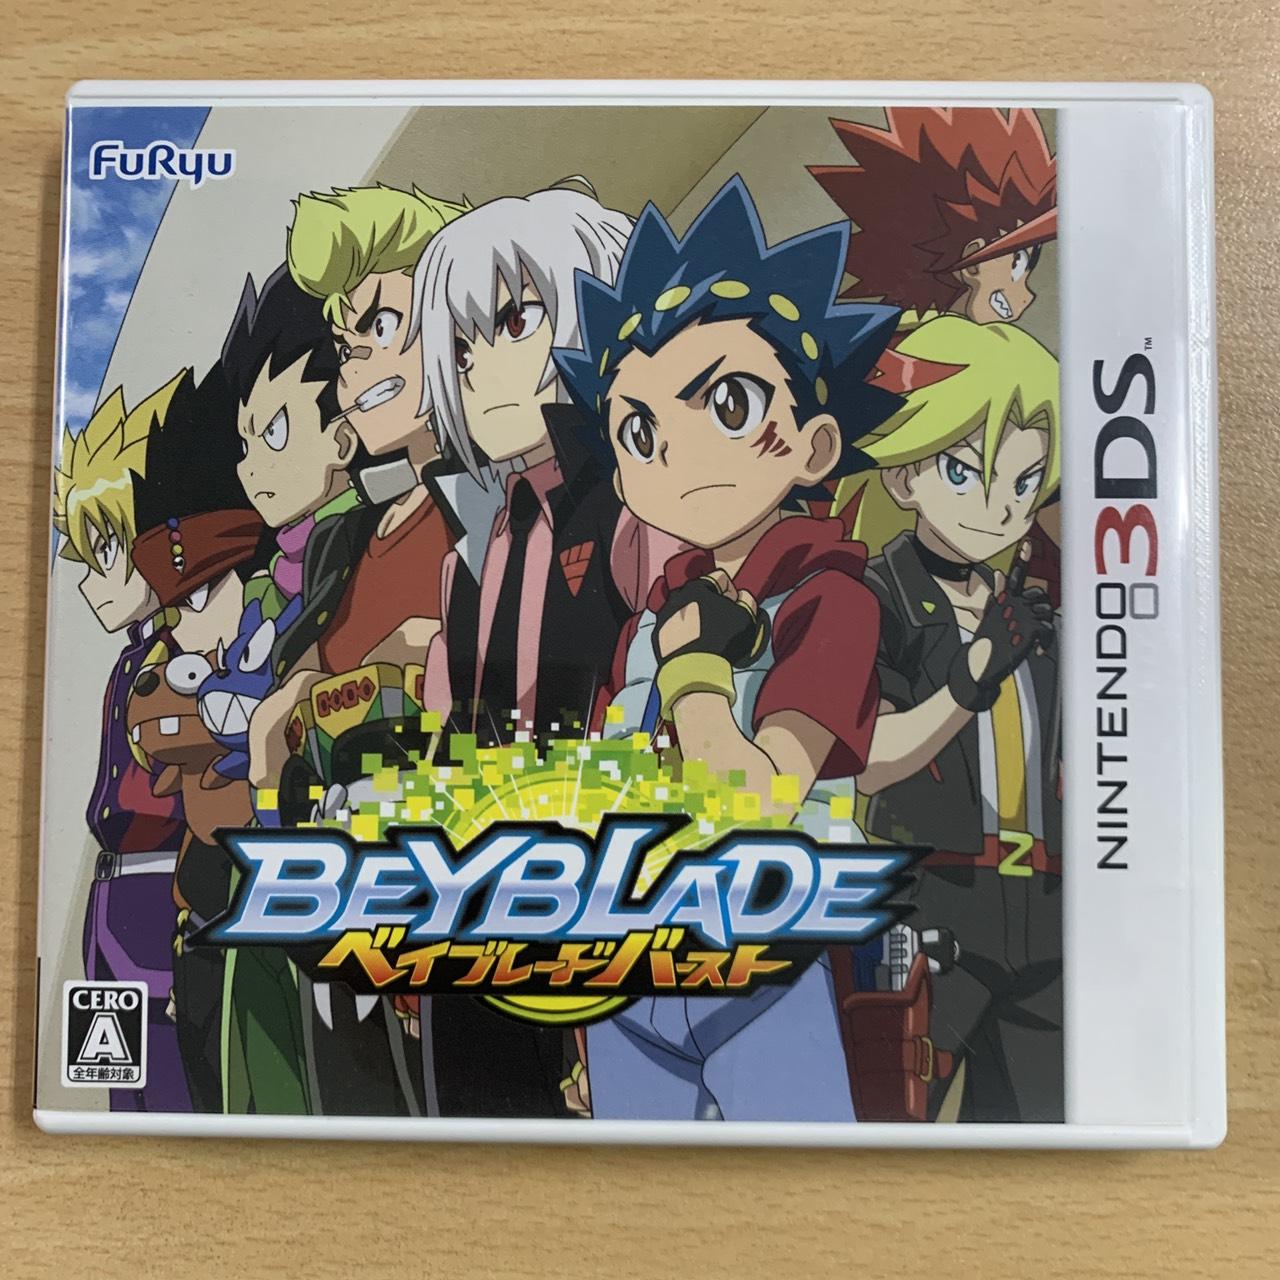 【飛力屋】日版 任天堂 3DS 戰鬥陀螺 鋼鐵戰魂 burst 爆裂 beyblade 純日版